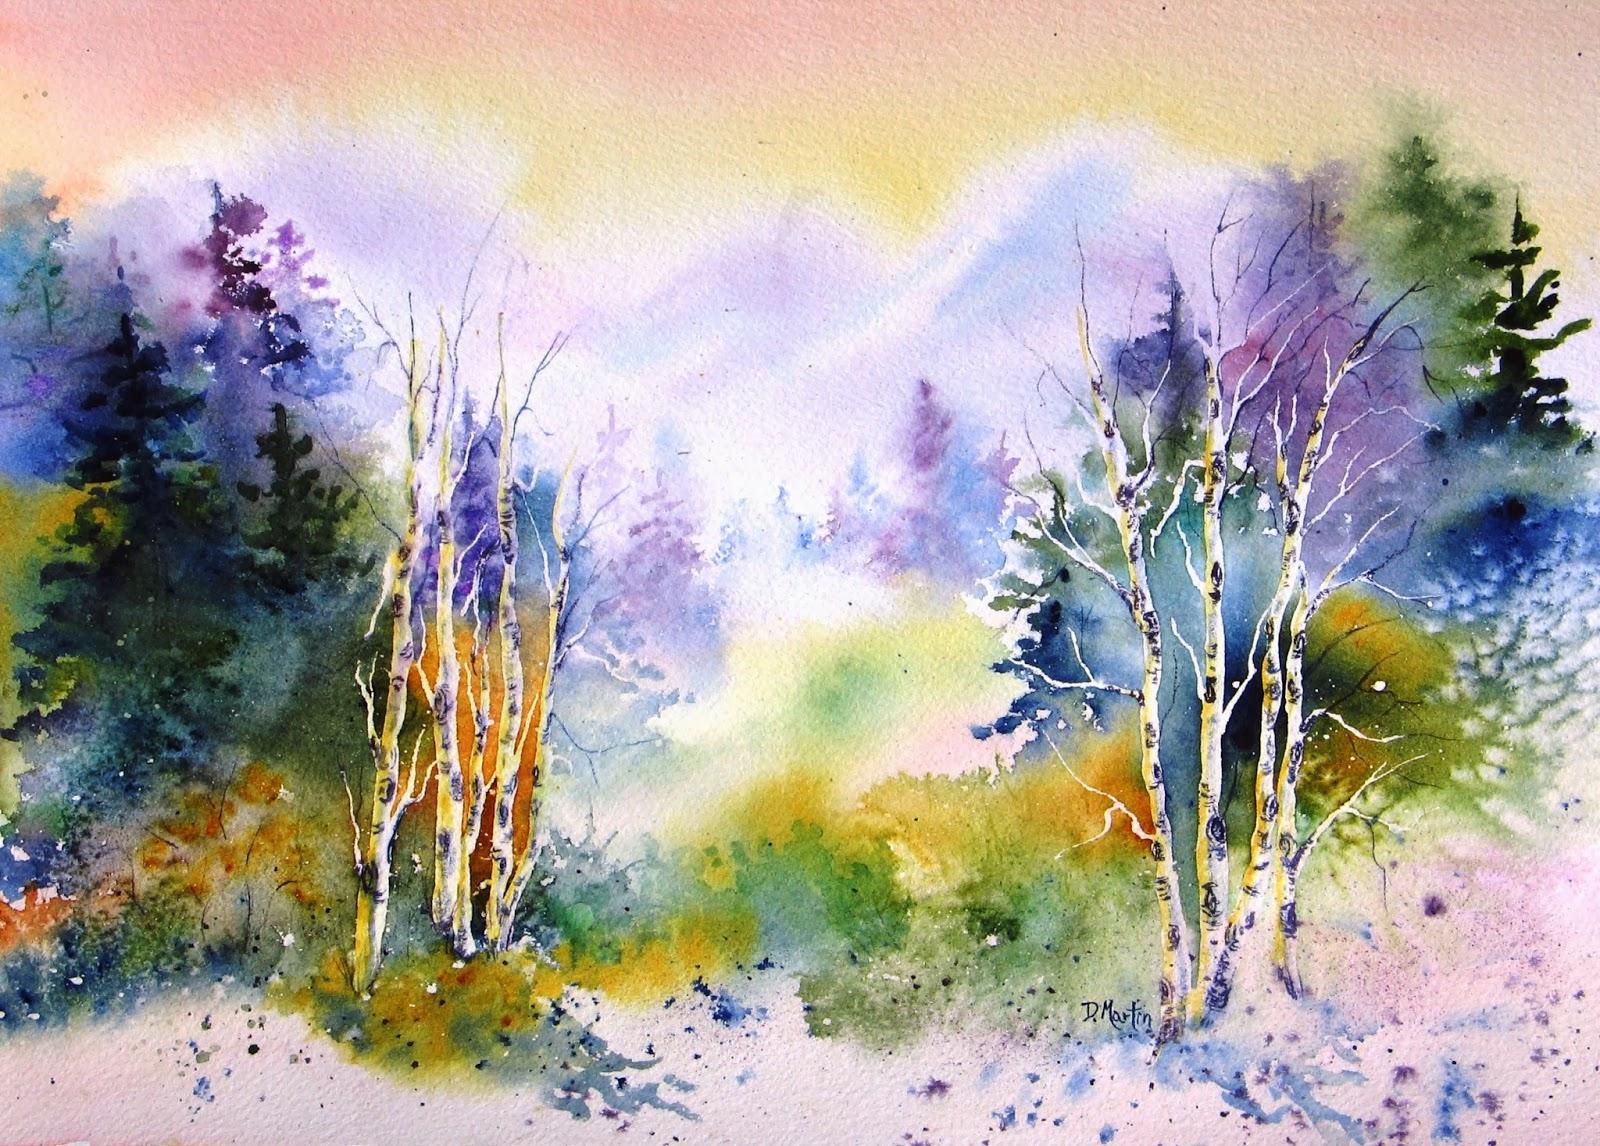 Watercolour painting landscape